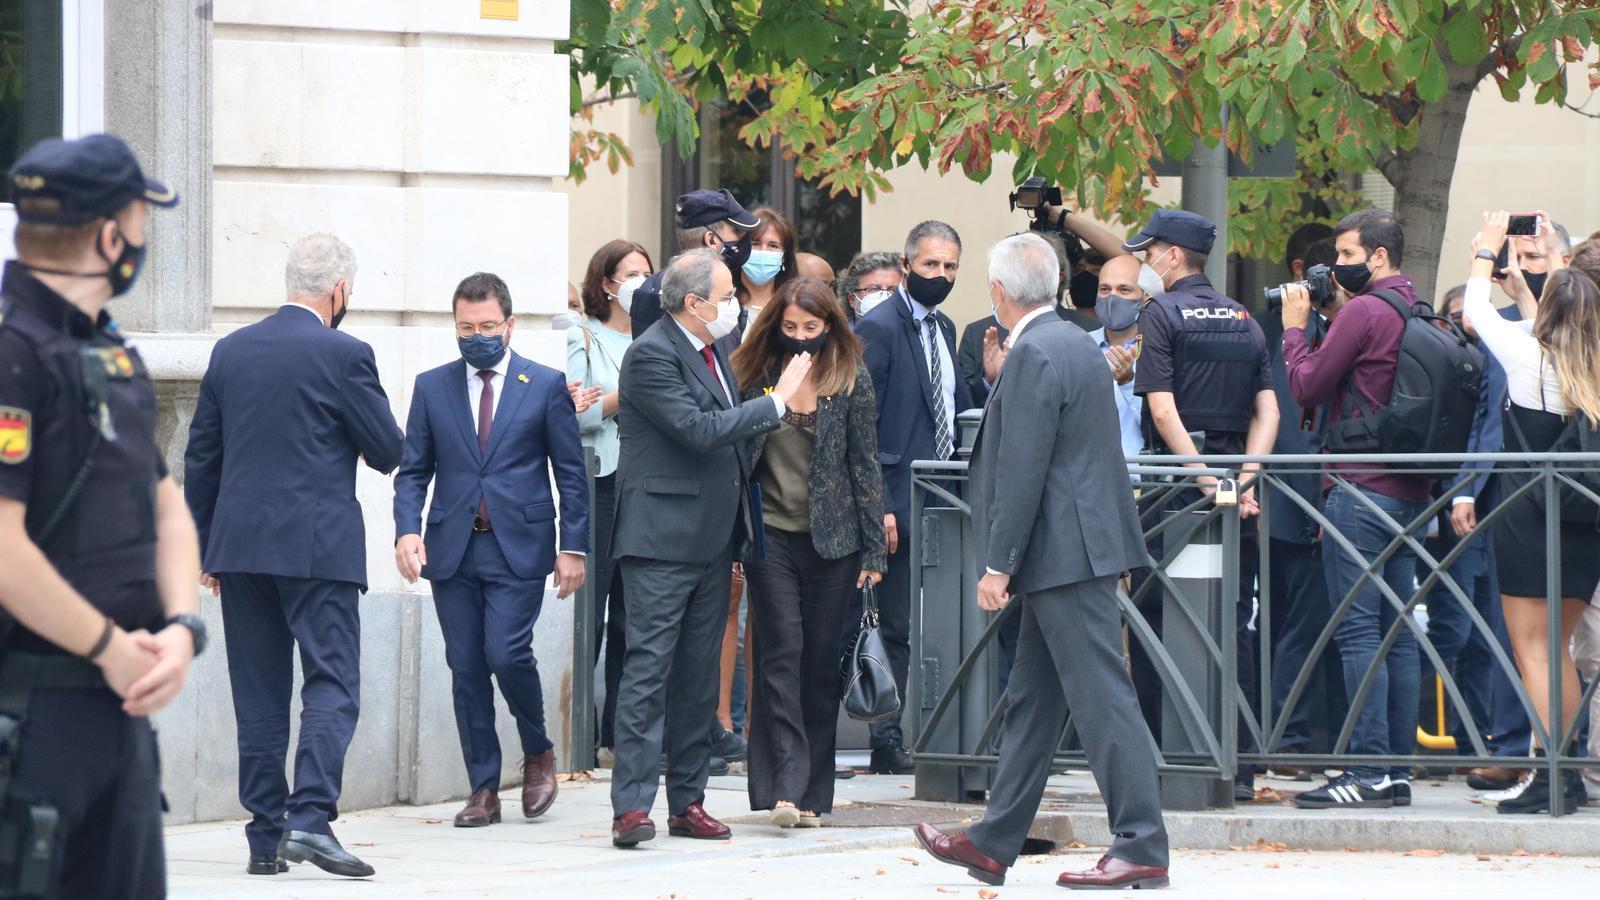 El president de la Generalitat, Quim Torra, s'acomiada de la comitiva que l'ha acompanyat